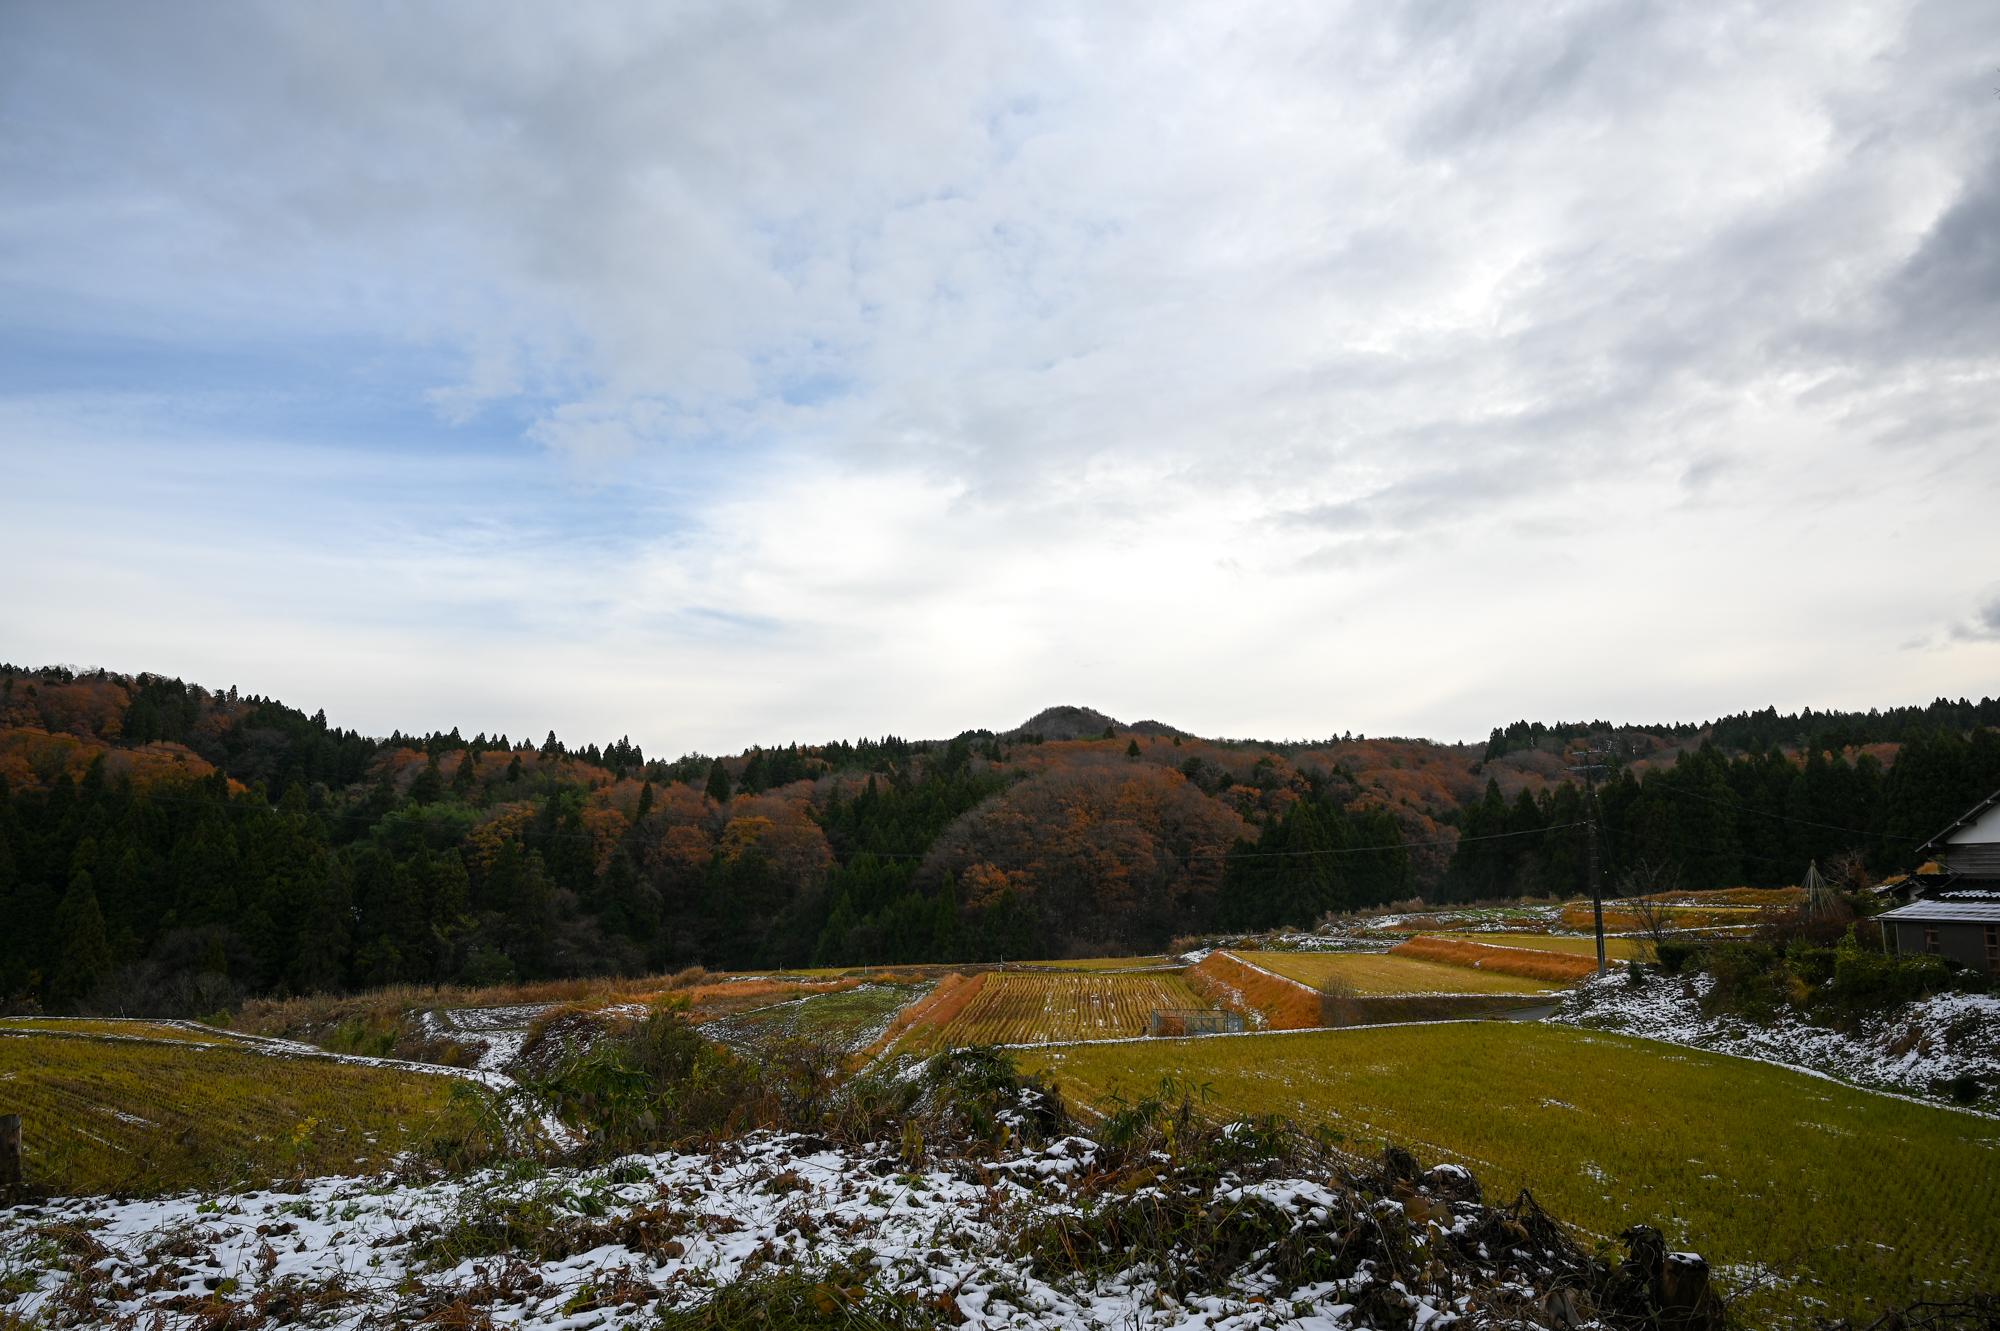 f:id:asanokawa:20191207172310j:plain